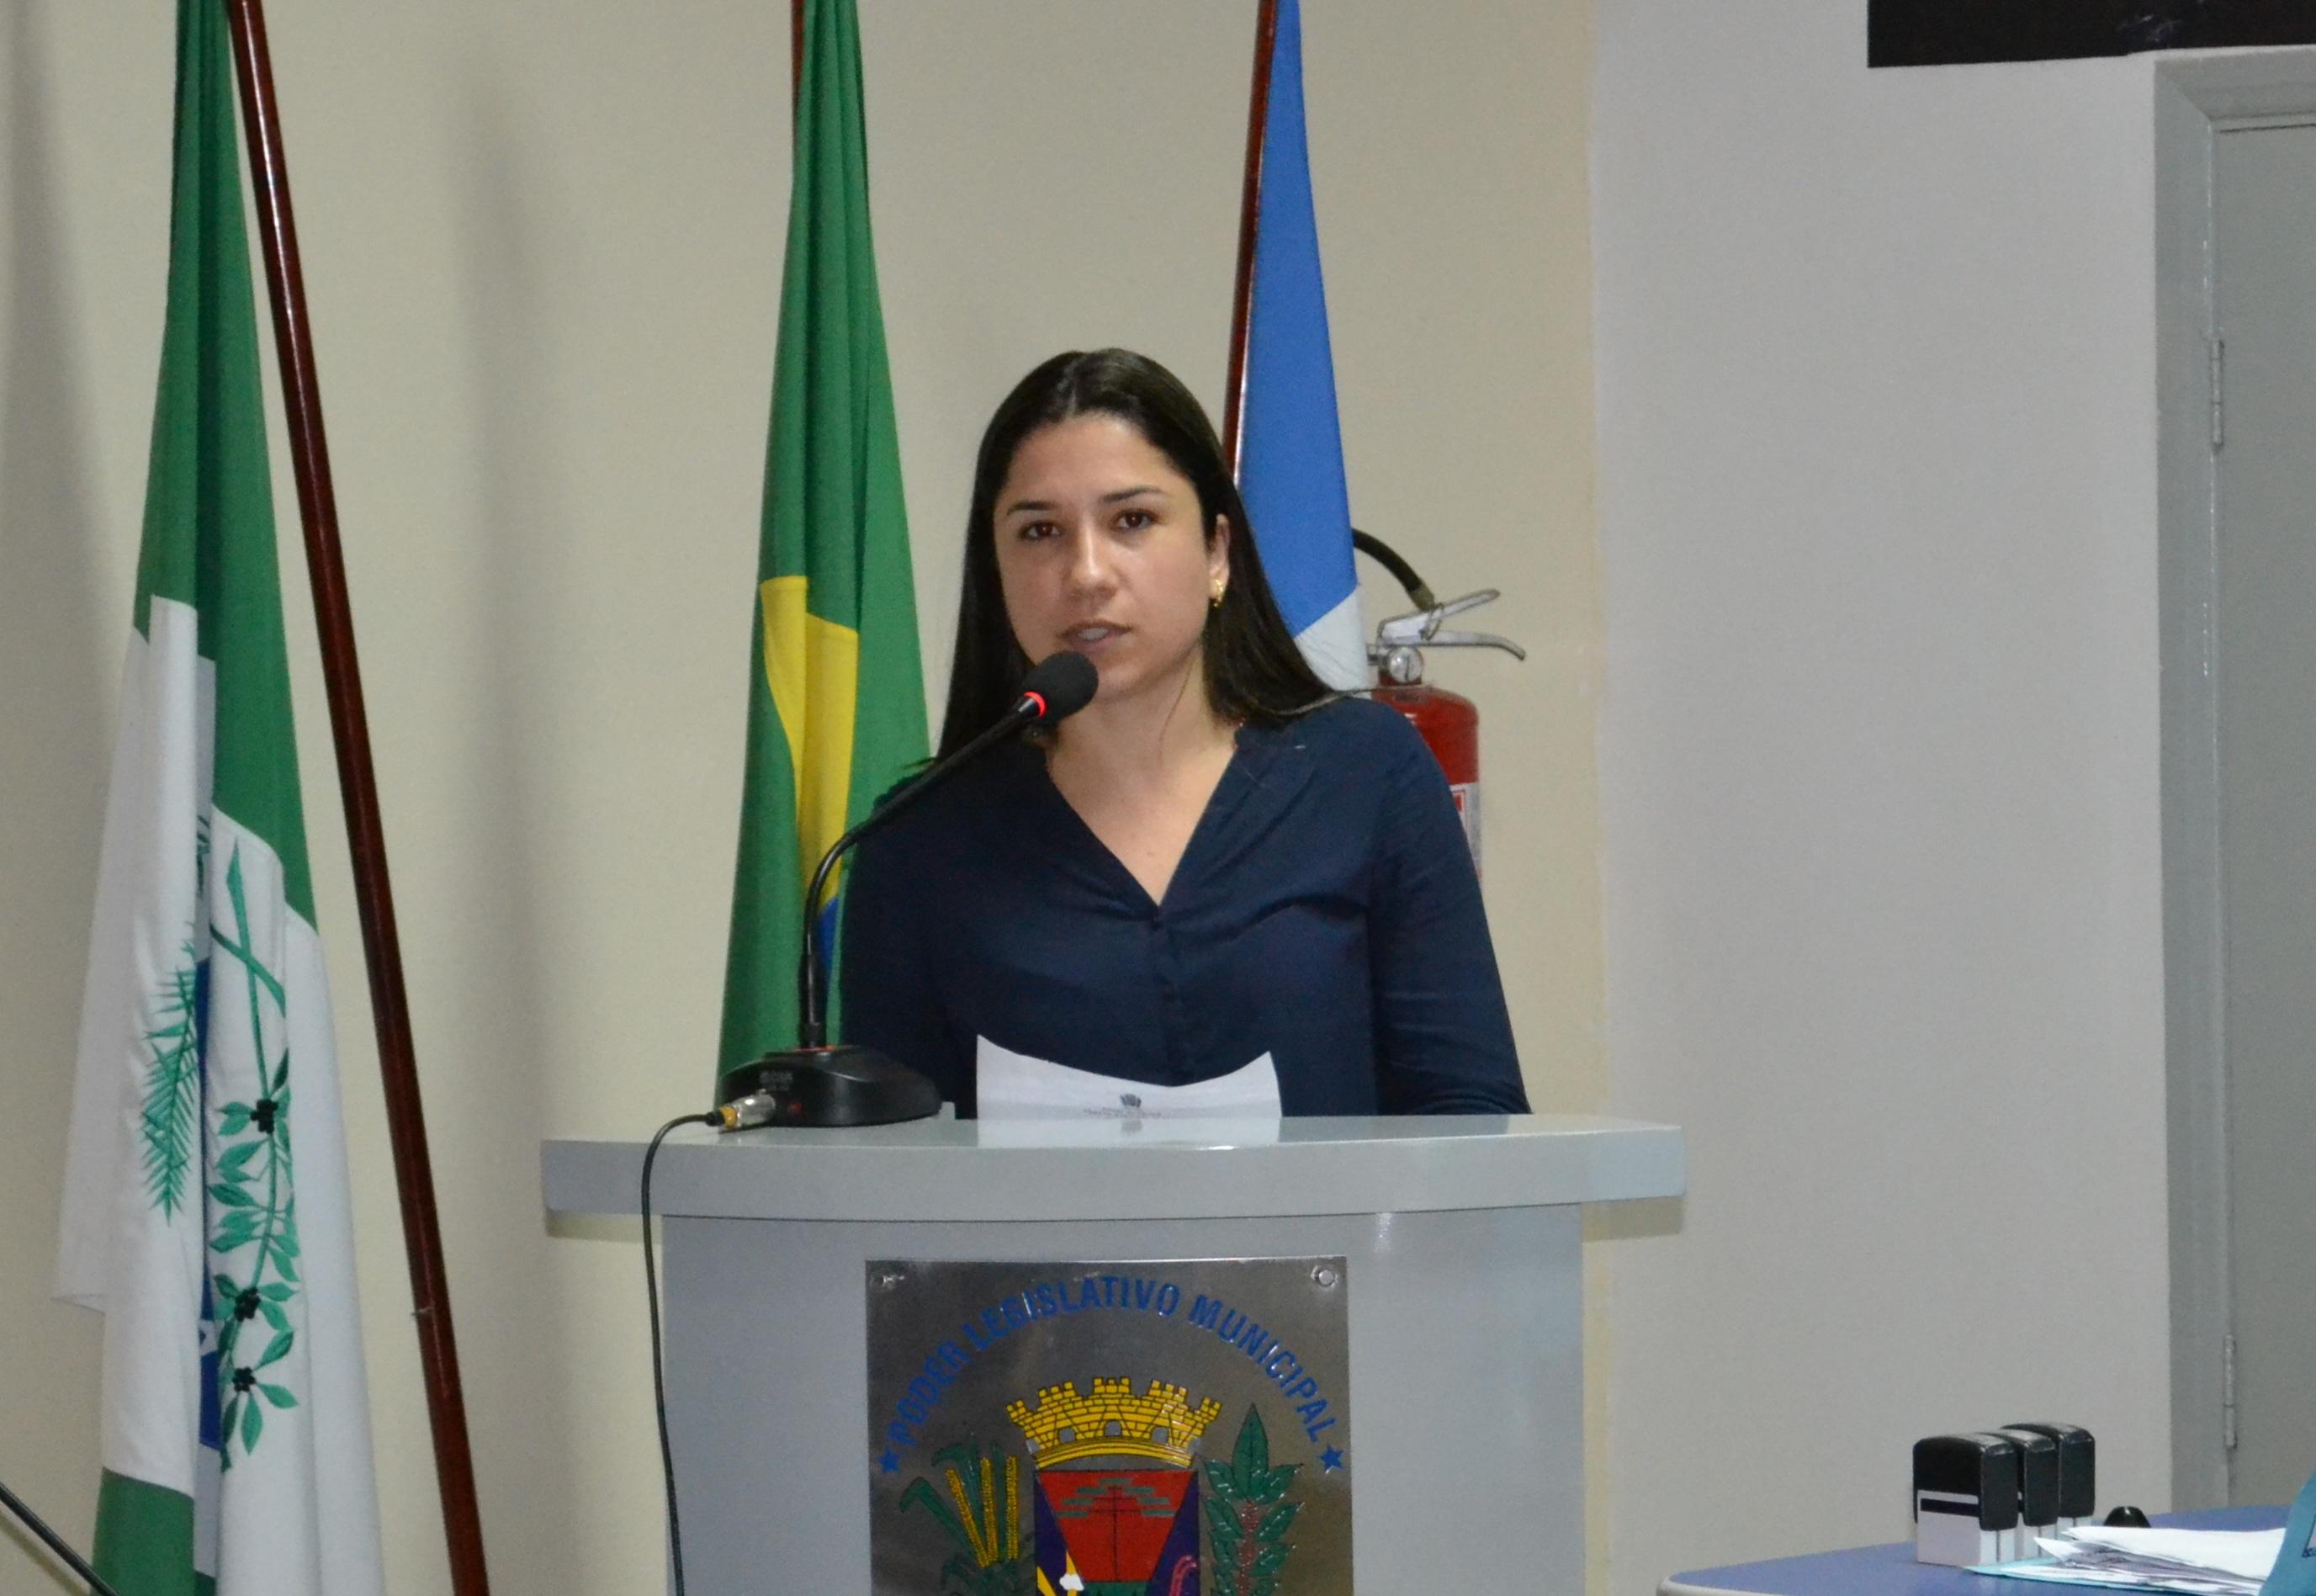 Vereadora Marcela Carvalho Rodrigues, autora do projeto